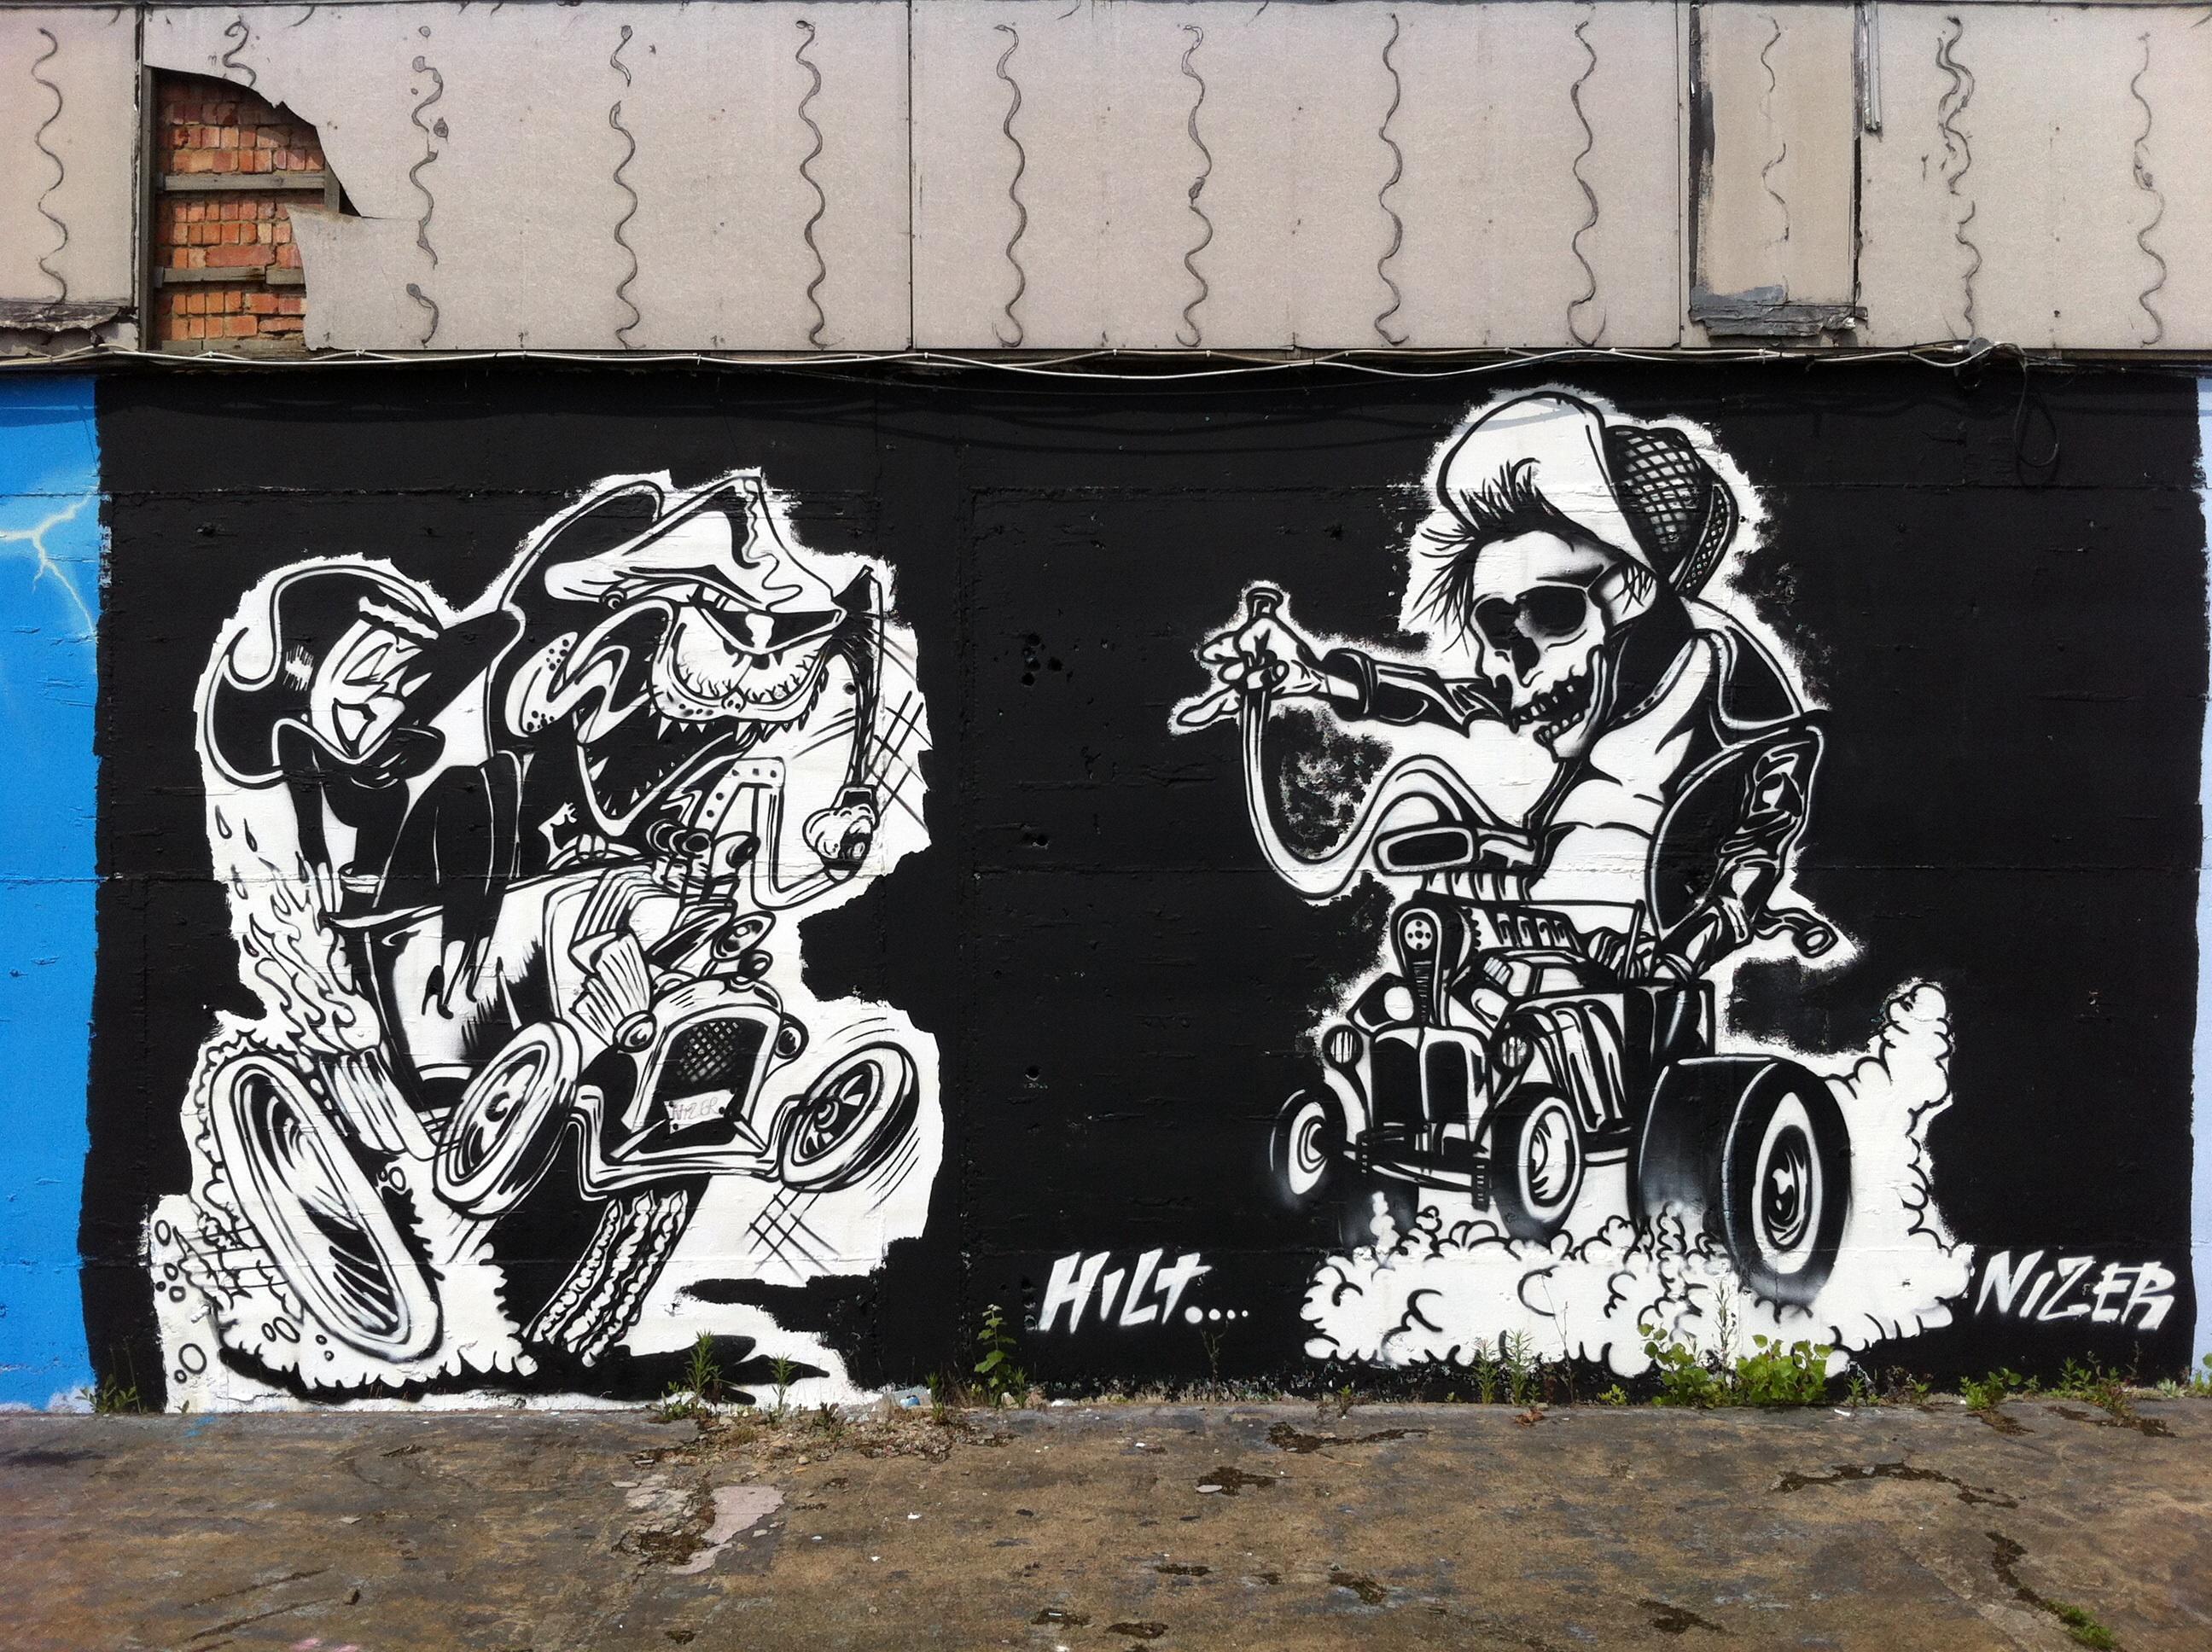 Grand Fond Du0027écran : La Peinture, Mur, La Photographie, Dessin Animé, Graffiti,  Art De Rue, Mural, Tige Chaud, ART, Noir Et Blanc, Personnage, Esquisser,  ...